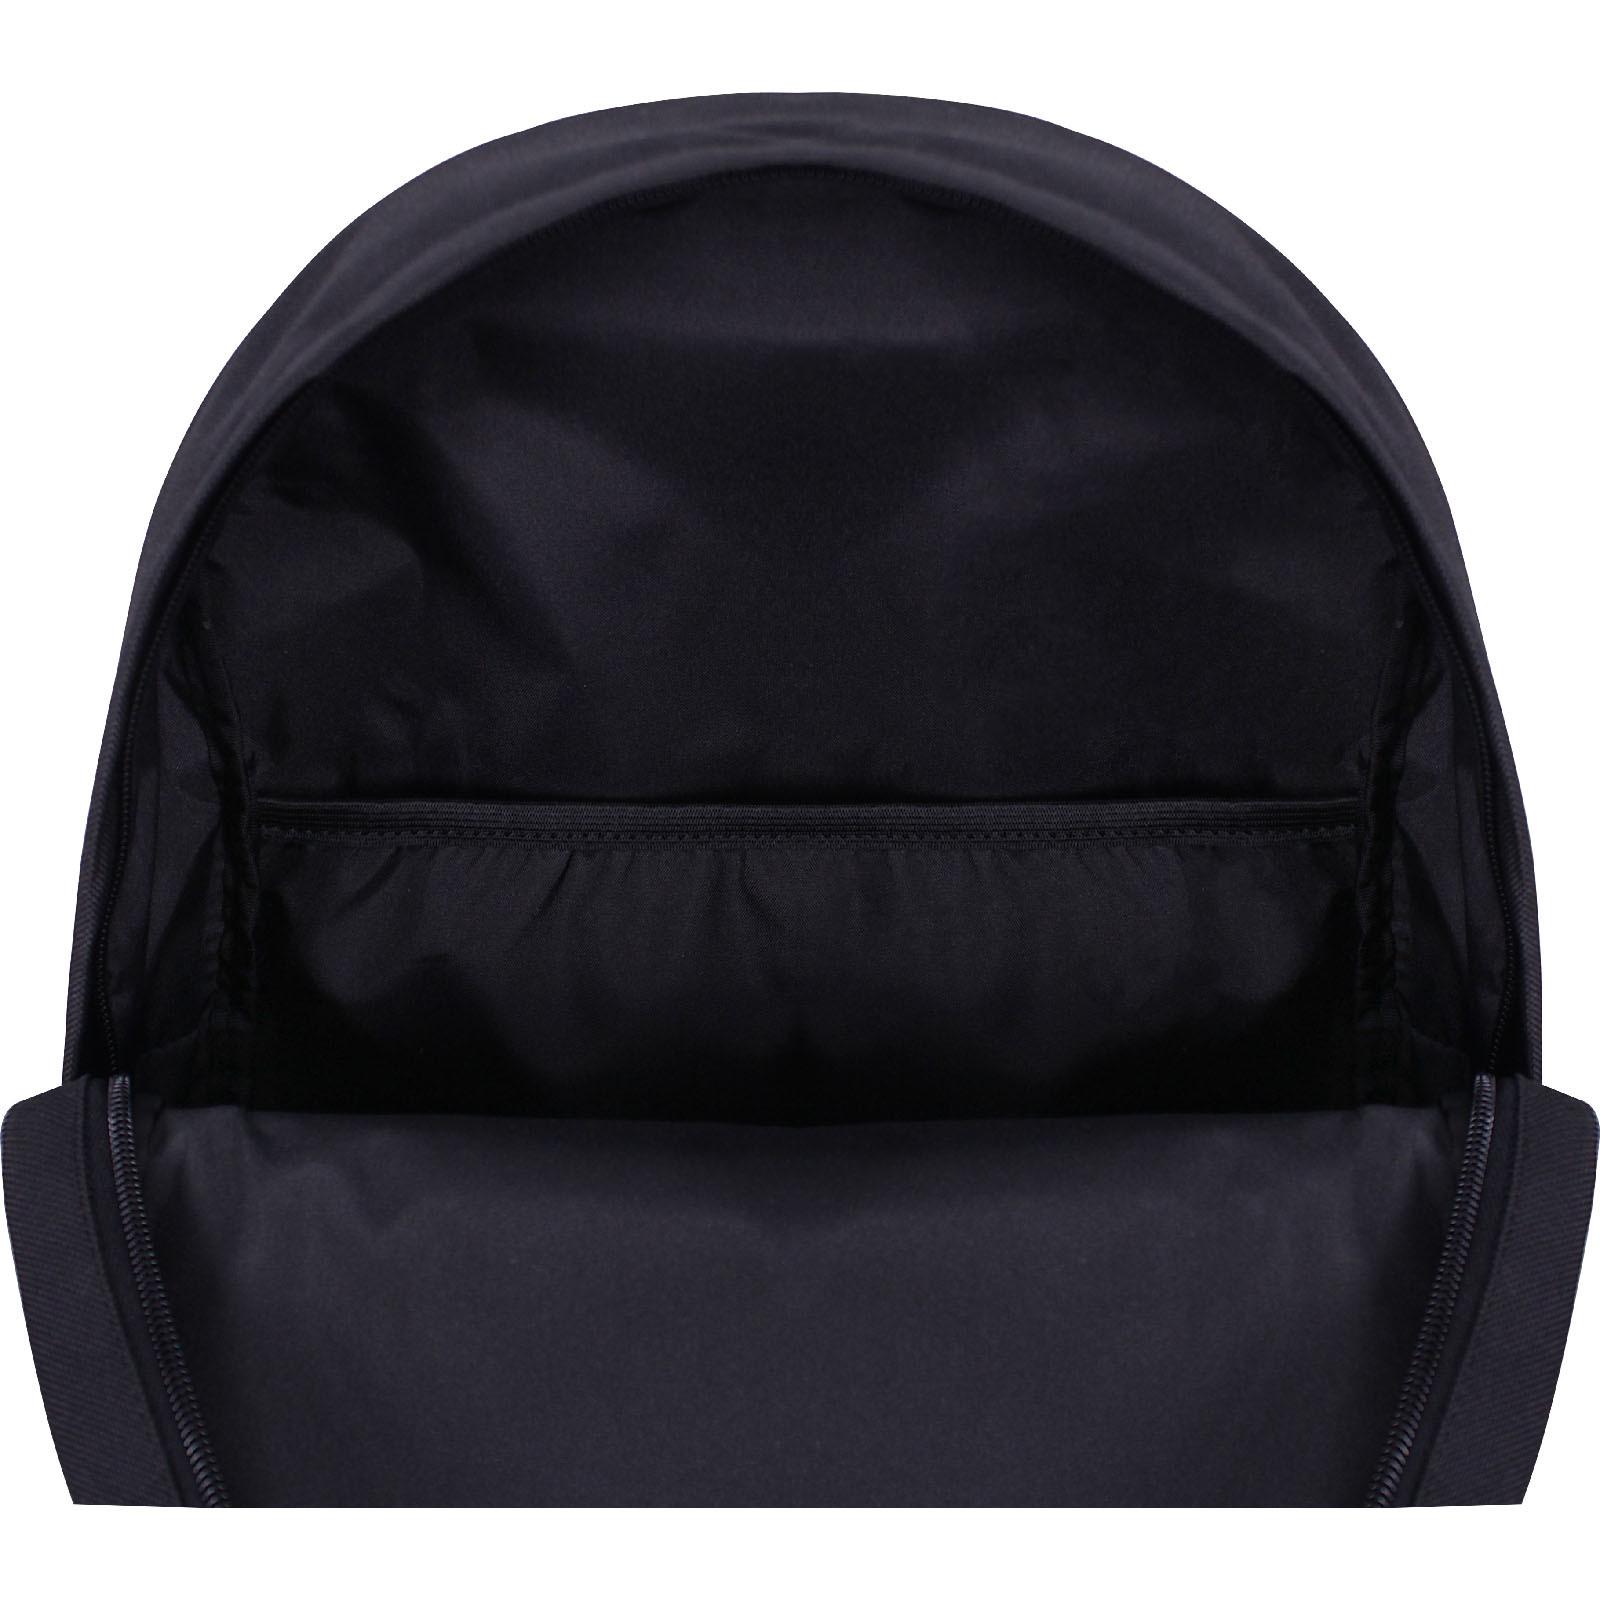 Рюкзак Bagland Молодежный W/R 17 л. черный 917 (00533662)